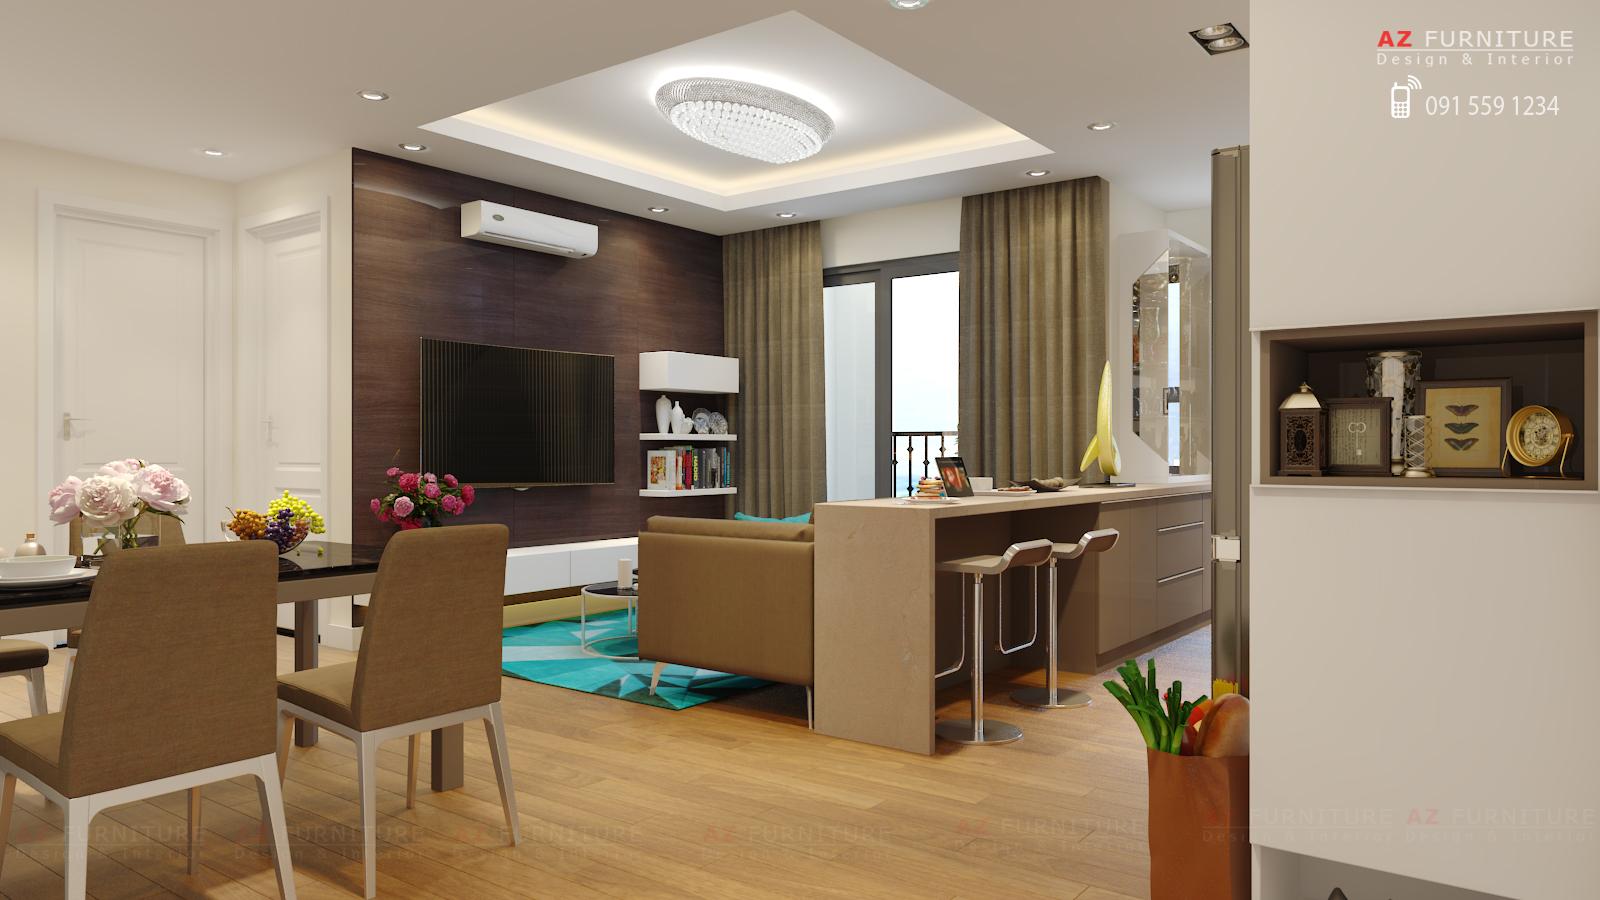 Tư vấn, thiết kế nội thất chung cư - Hotline: 091 559 1234